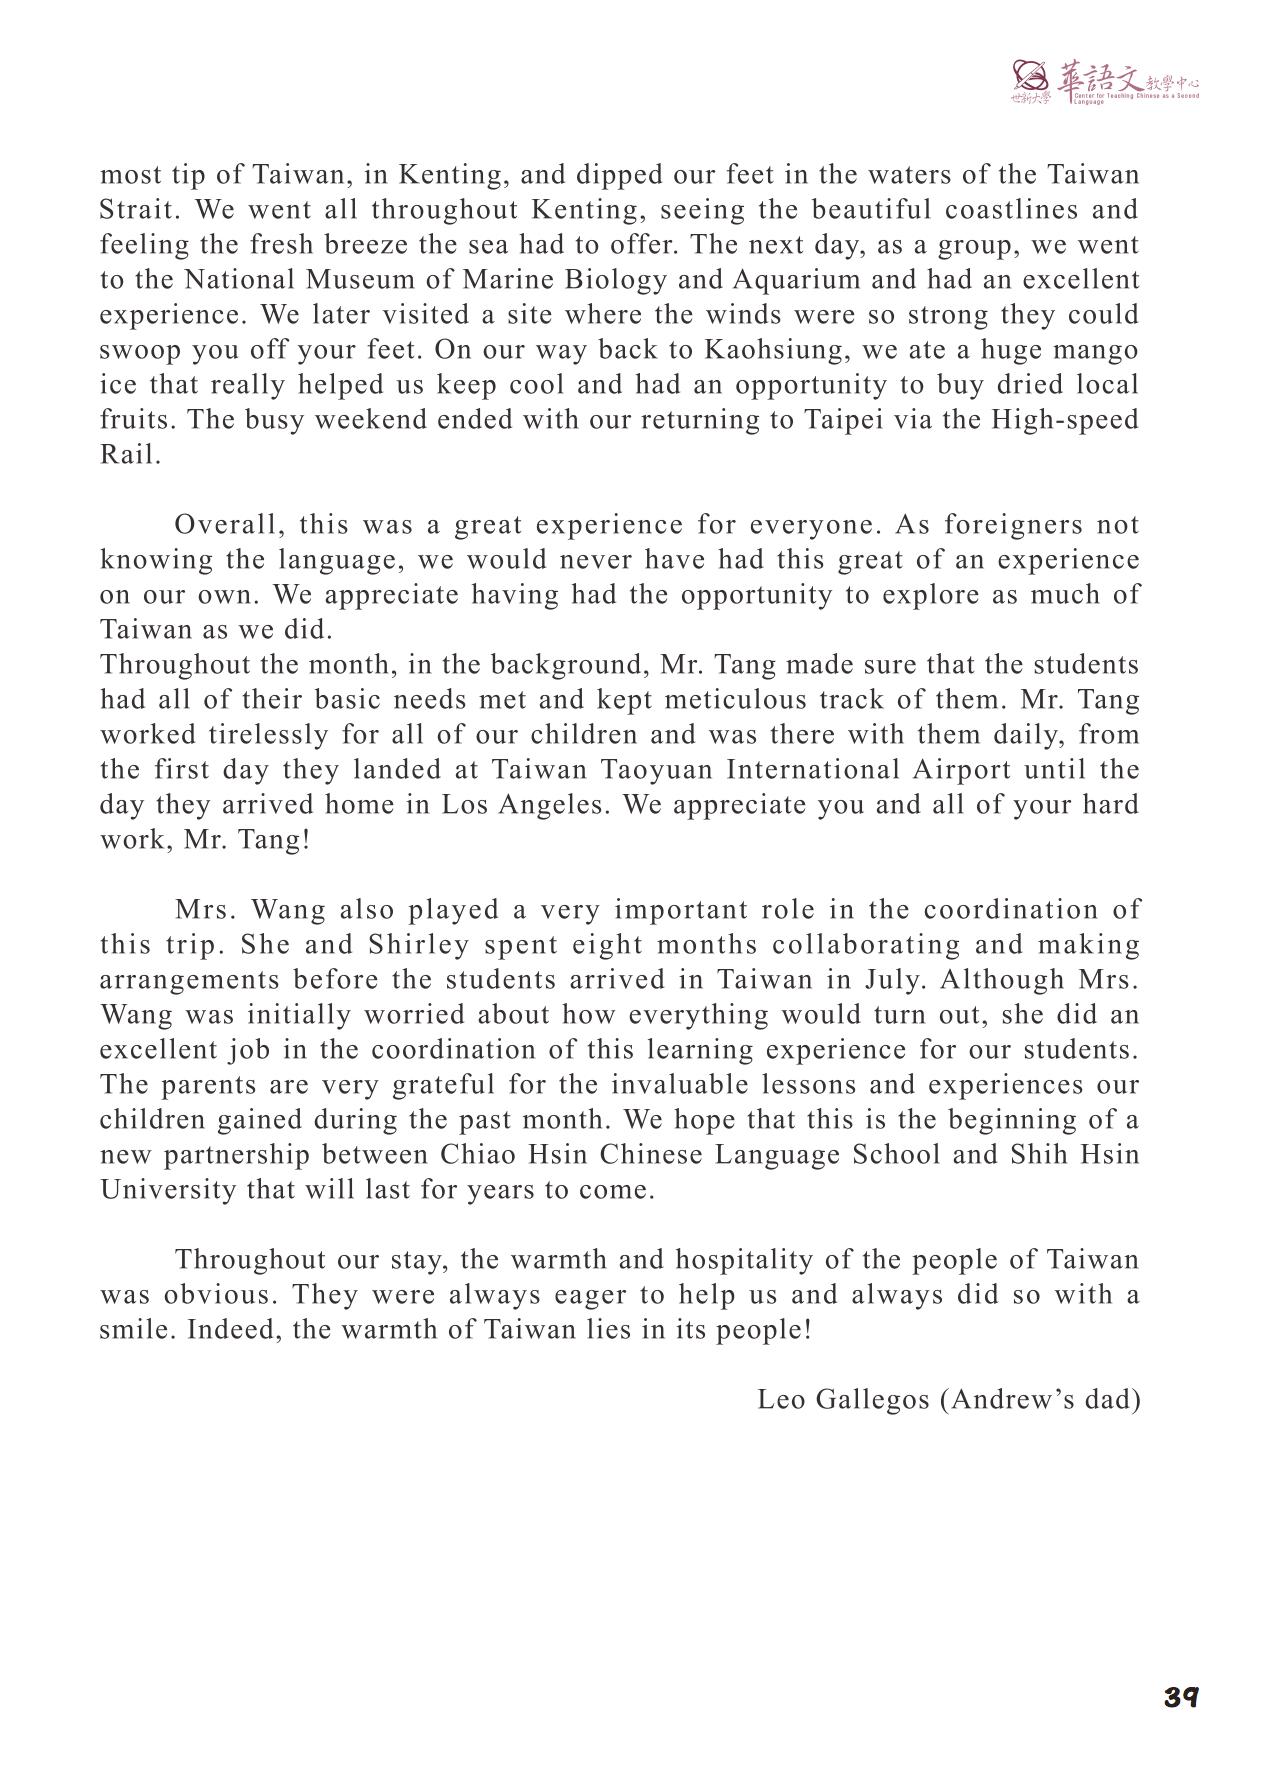 紀念冊內頁_家長2